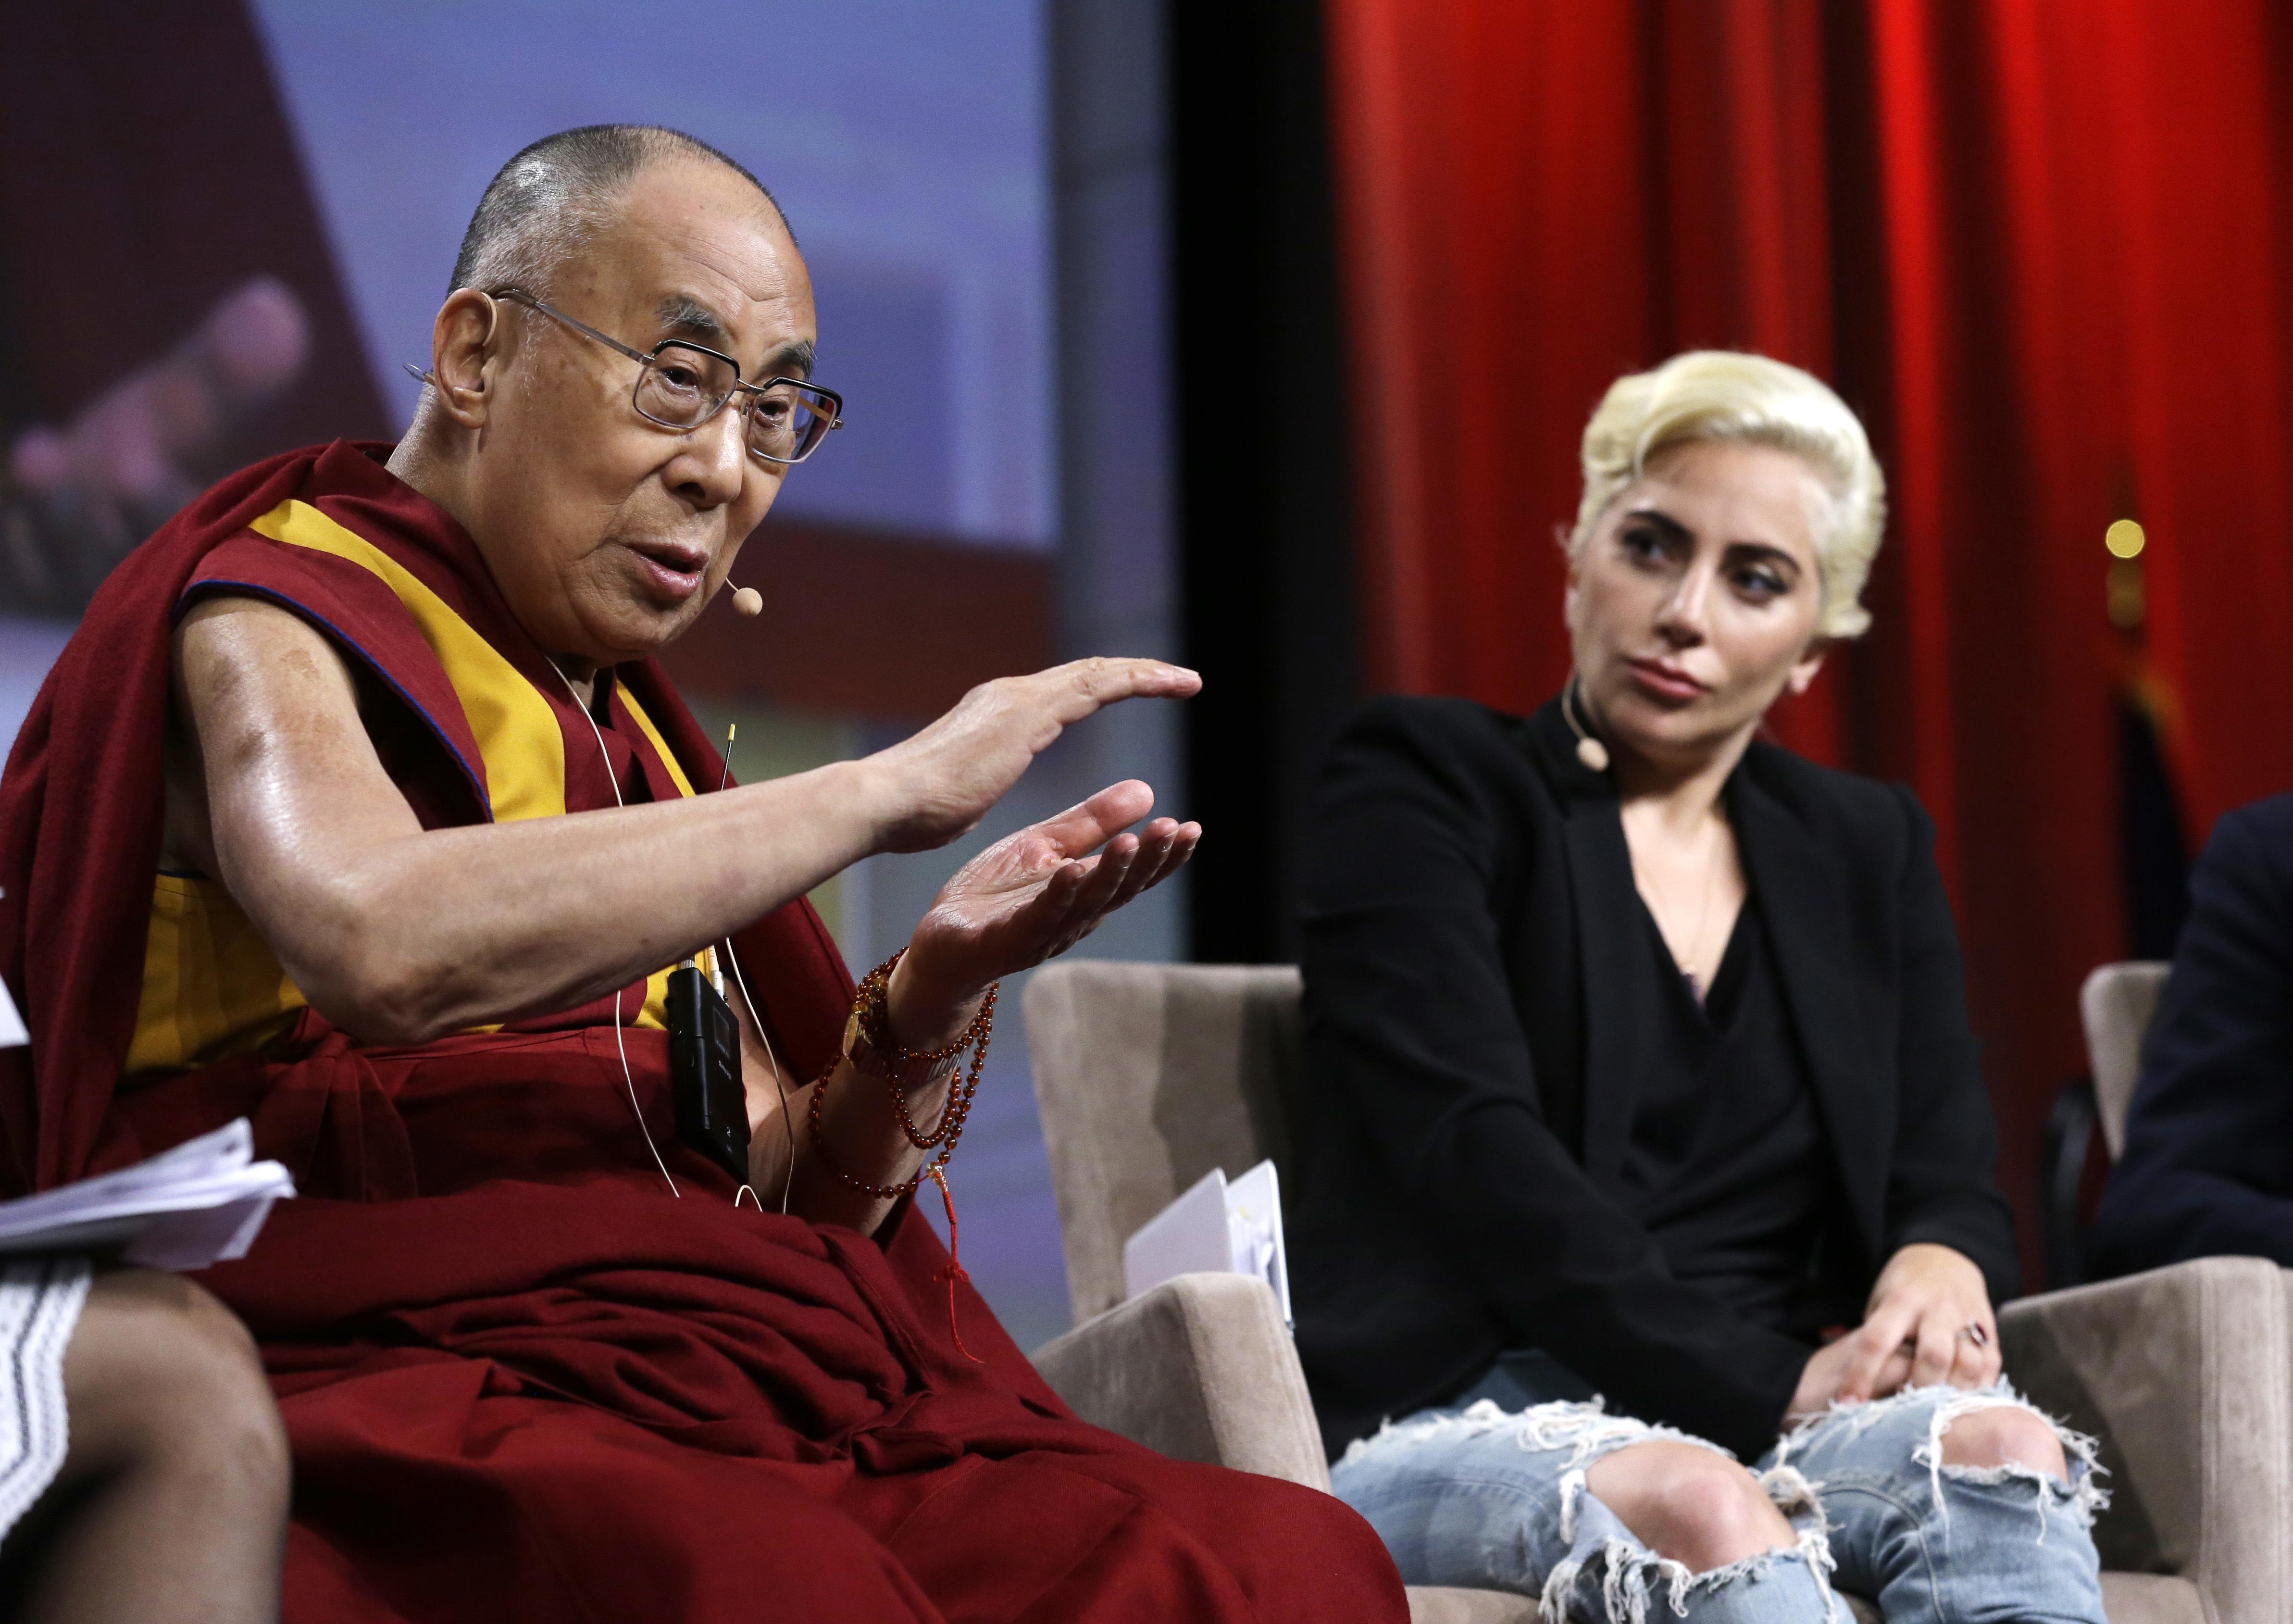 Fotografia cu Lady Gaga si Dalai Lama care i-a enervat pe fanii chinezi ai artistei. Cum au reactionat